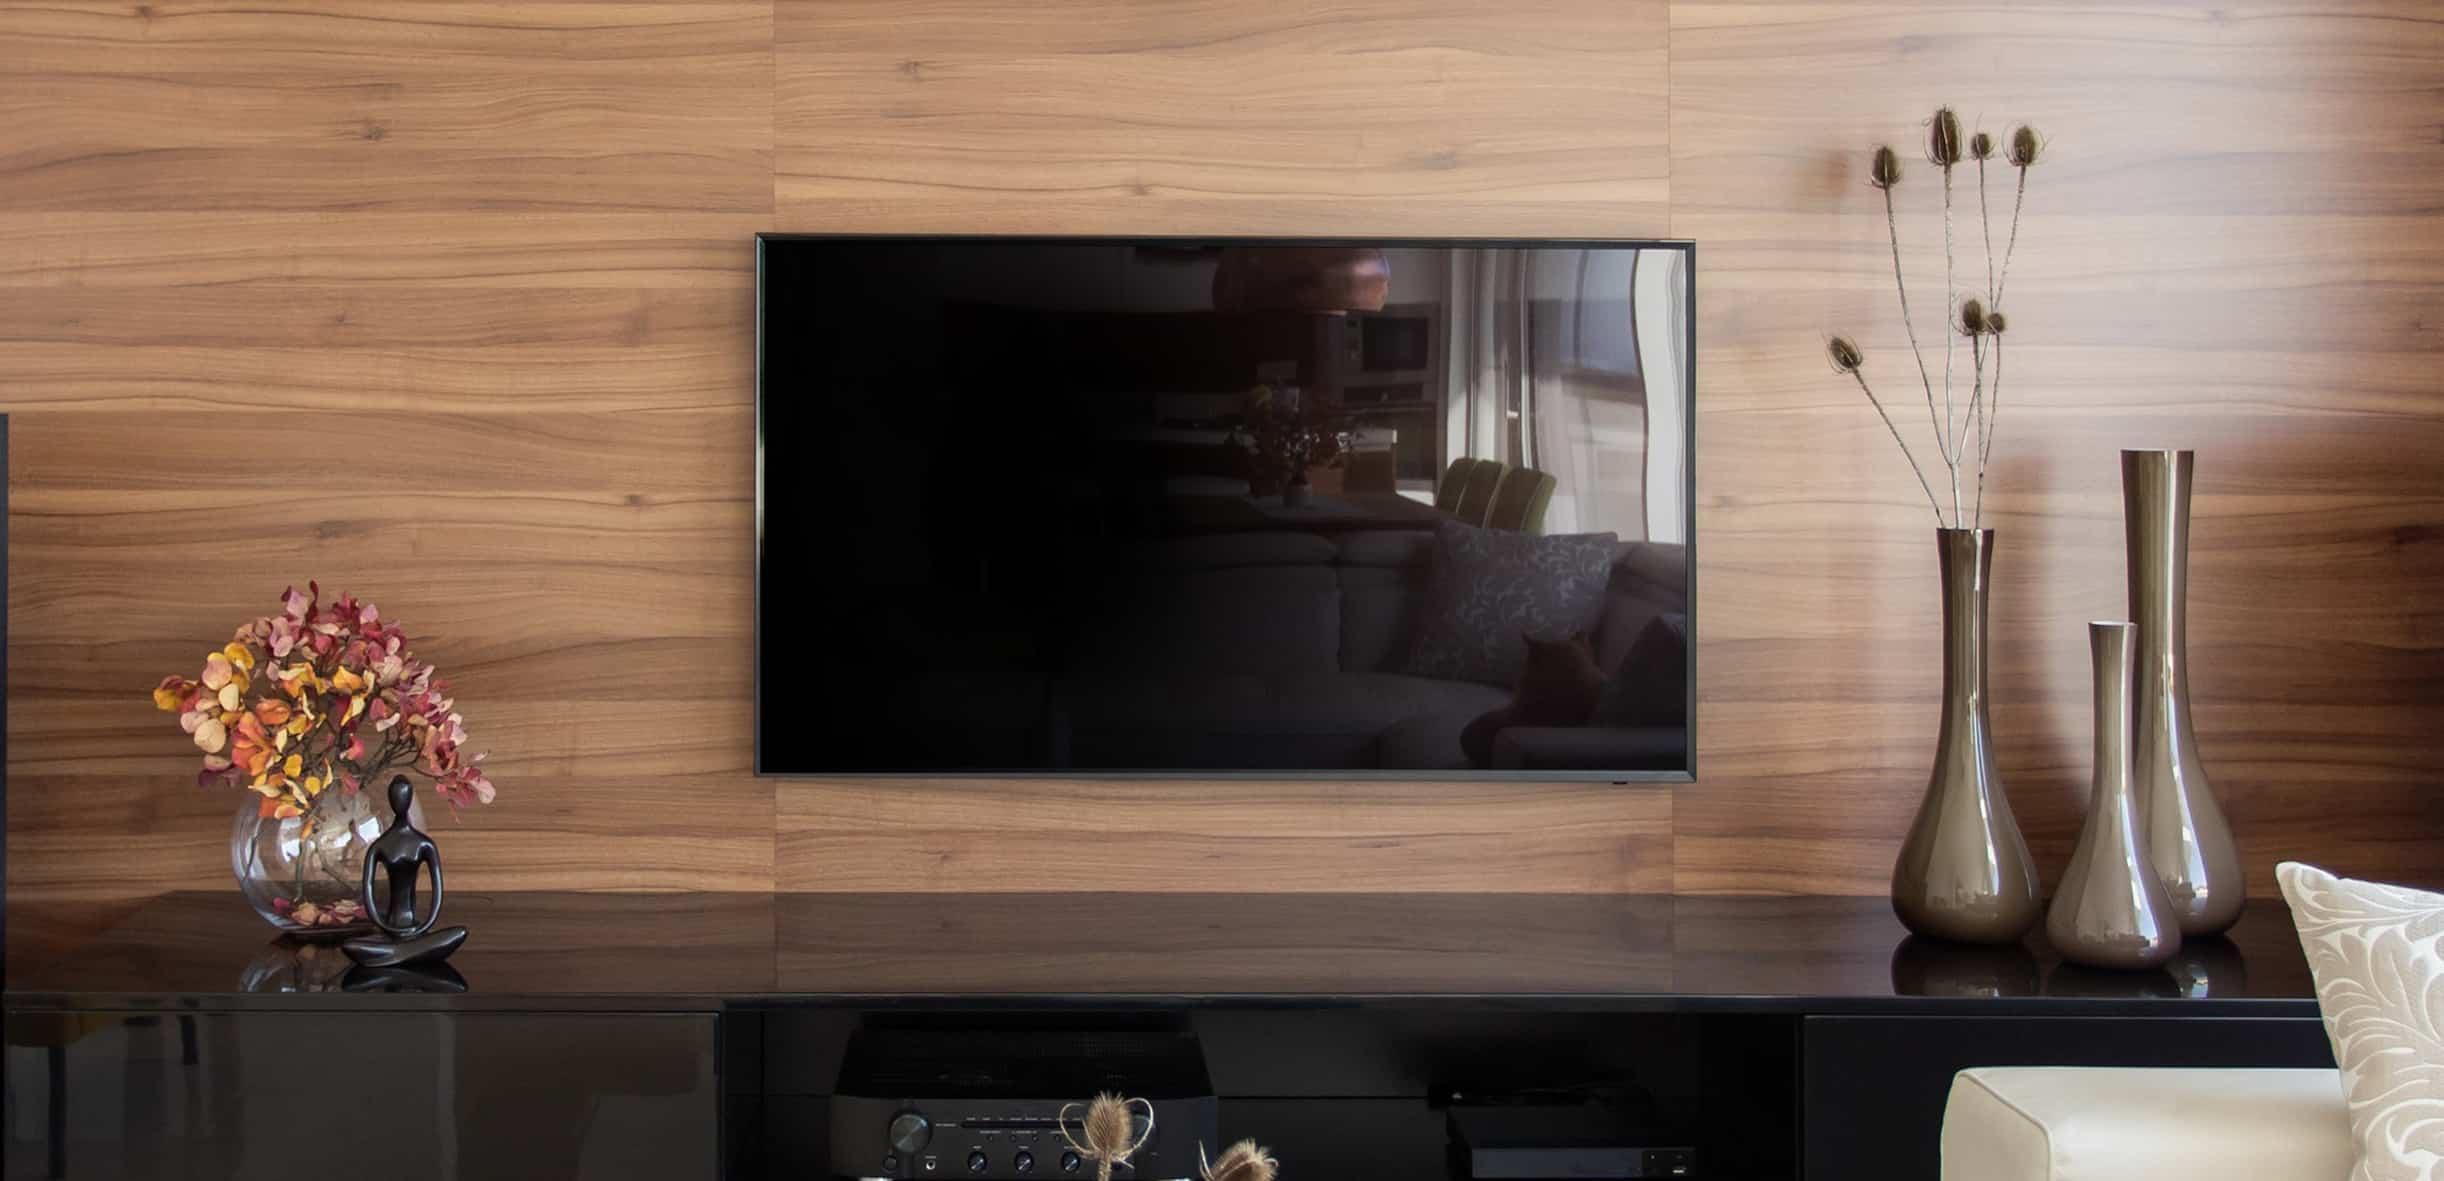 Miglior televisore 2021: Guida all'acquisto